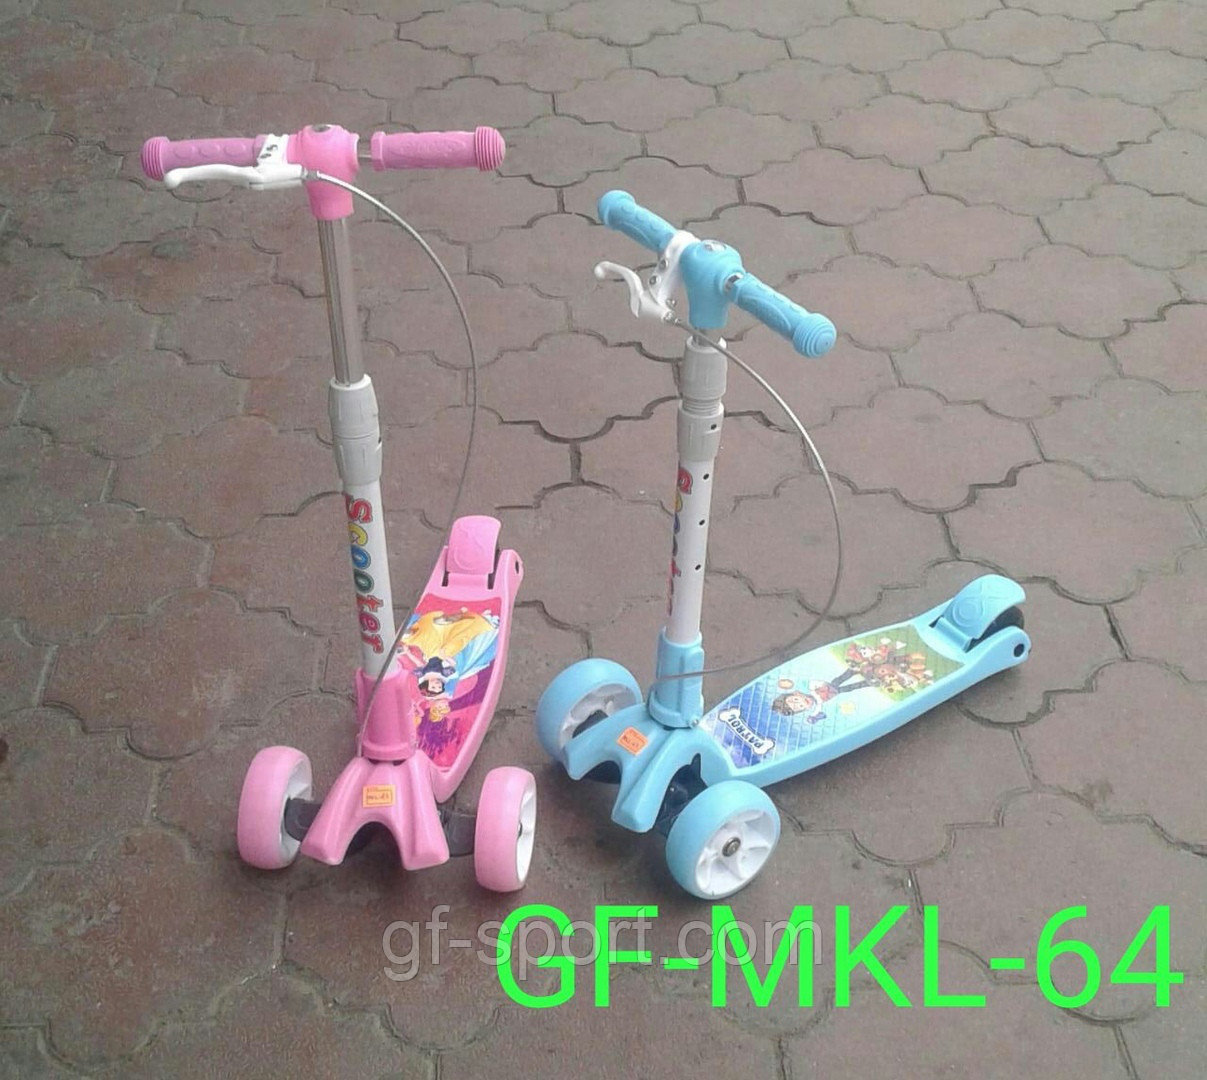 Самокат детский (трехколесный) (розовый, синий) MKL-64